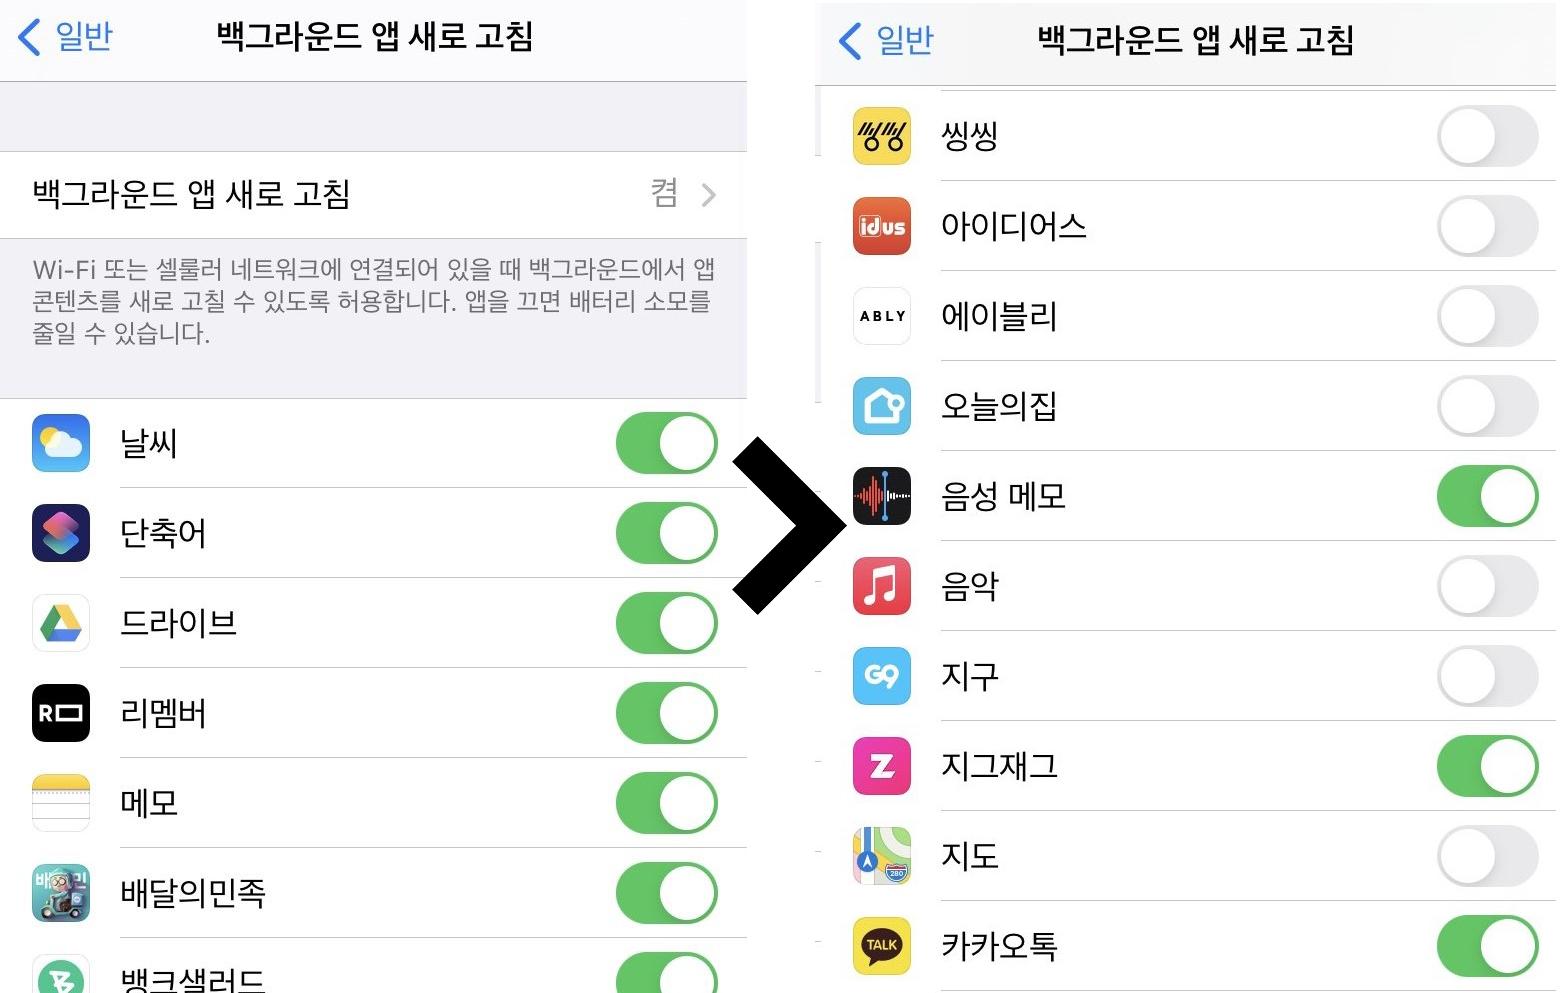 자주 사용하지 않는 앱을 비활성화했다(오른쪽).